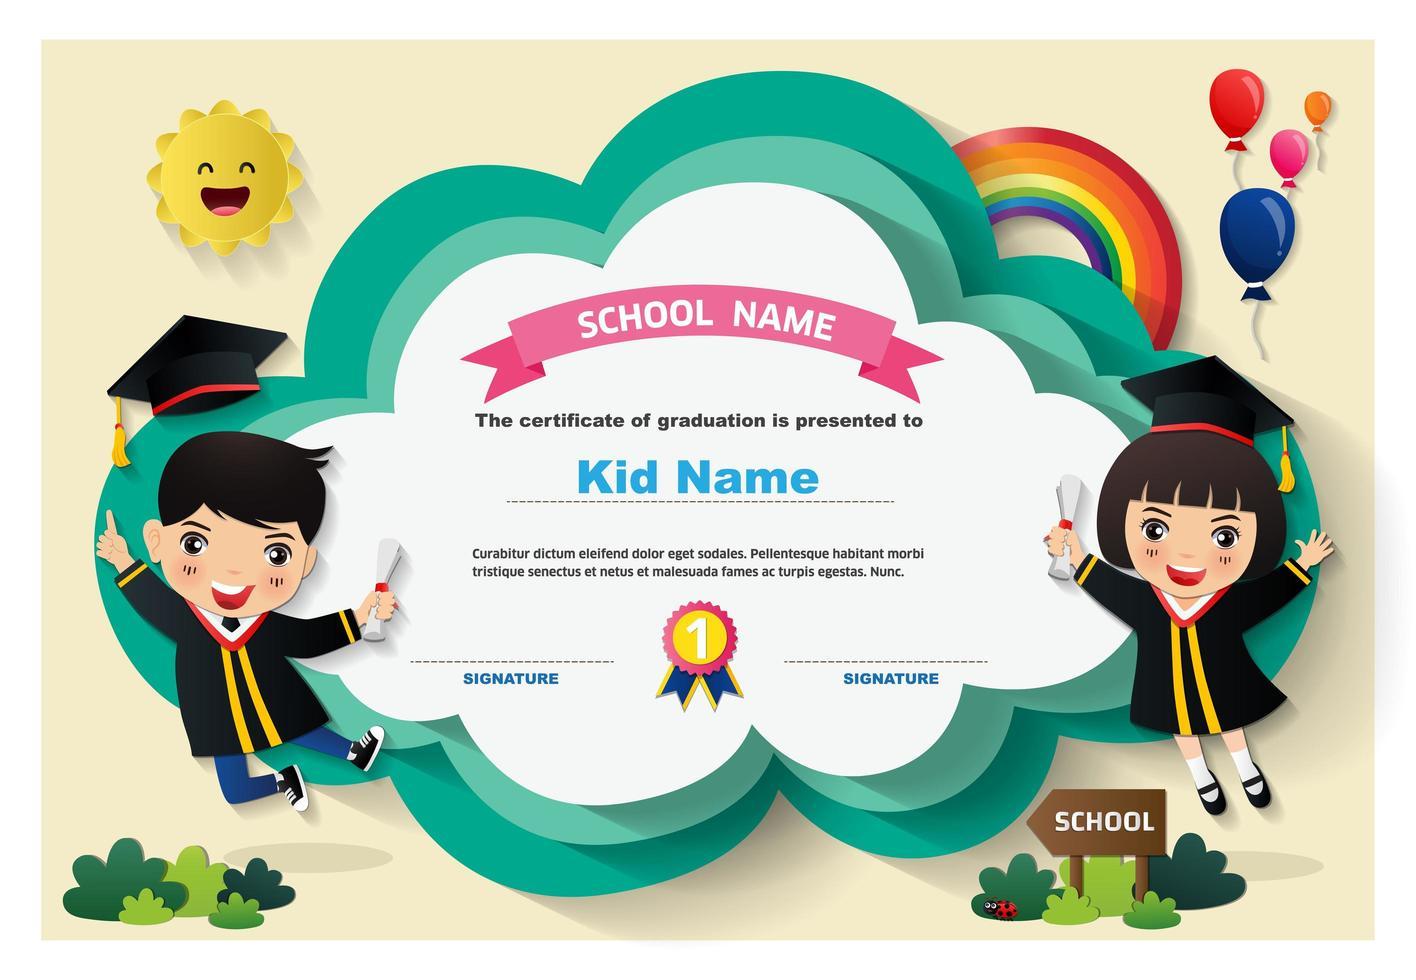 certificato di diploma per bambini in età prescolare vettore